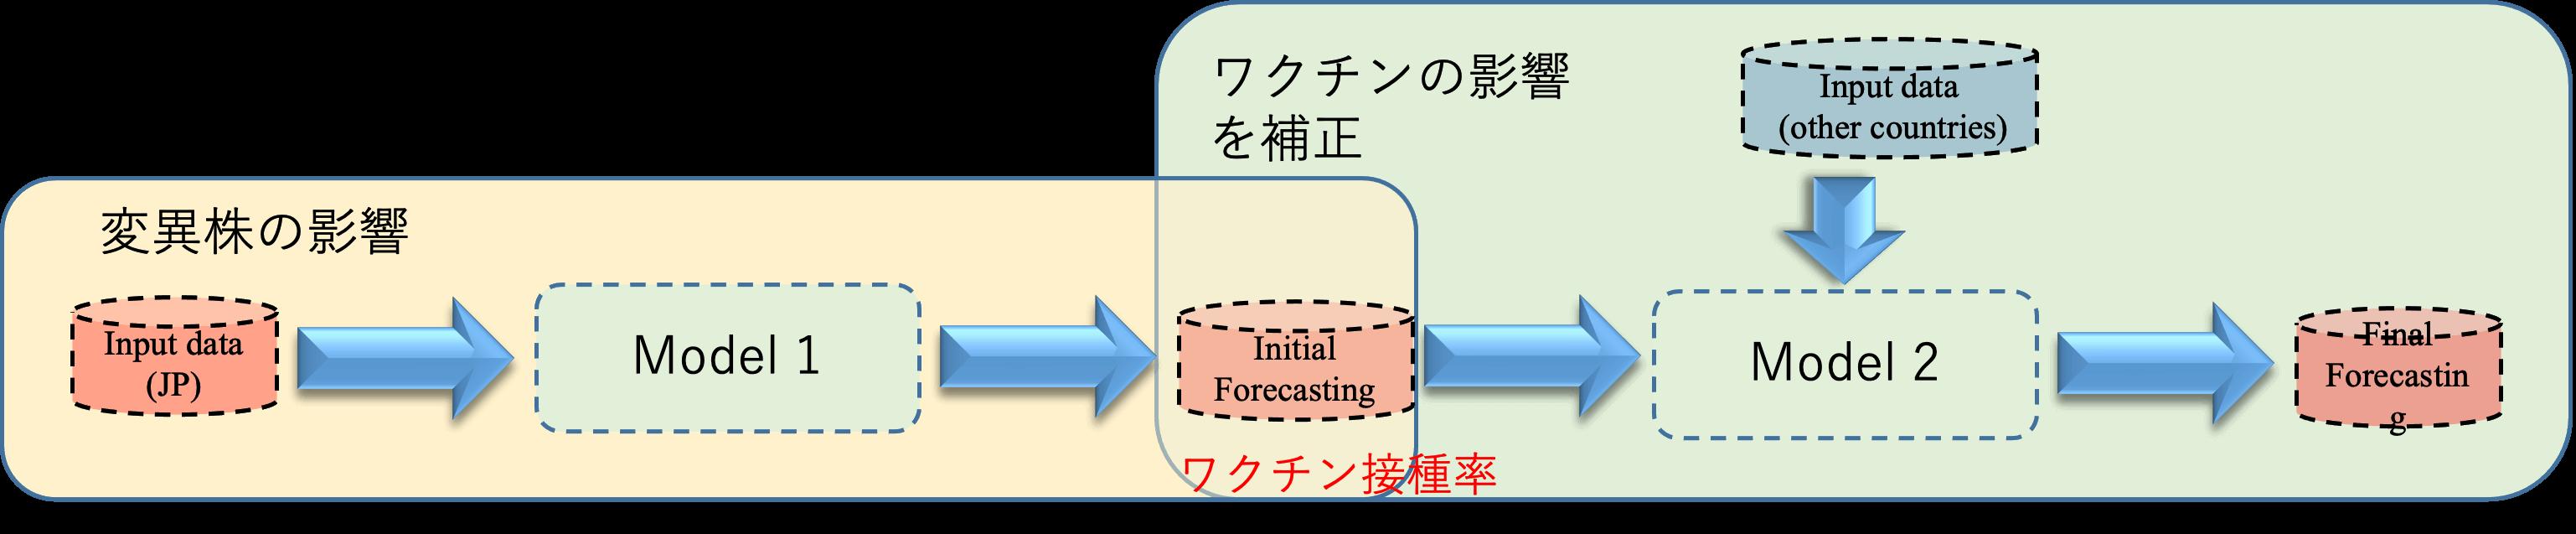 予測モデル